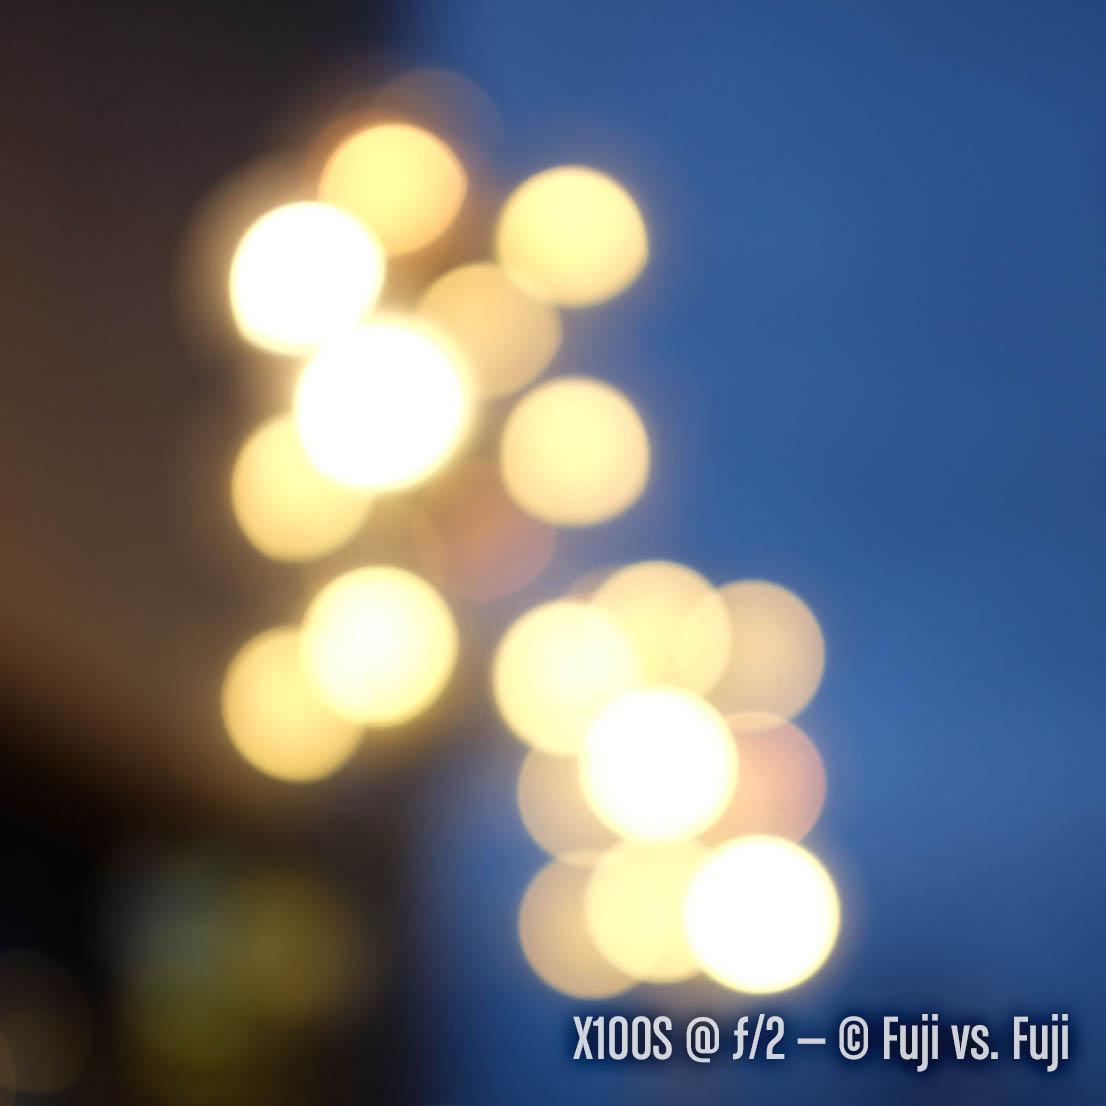 fujivsfuji-lightsphere-X100S@2.jpg